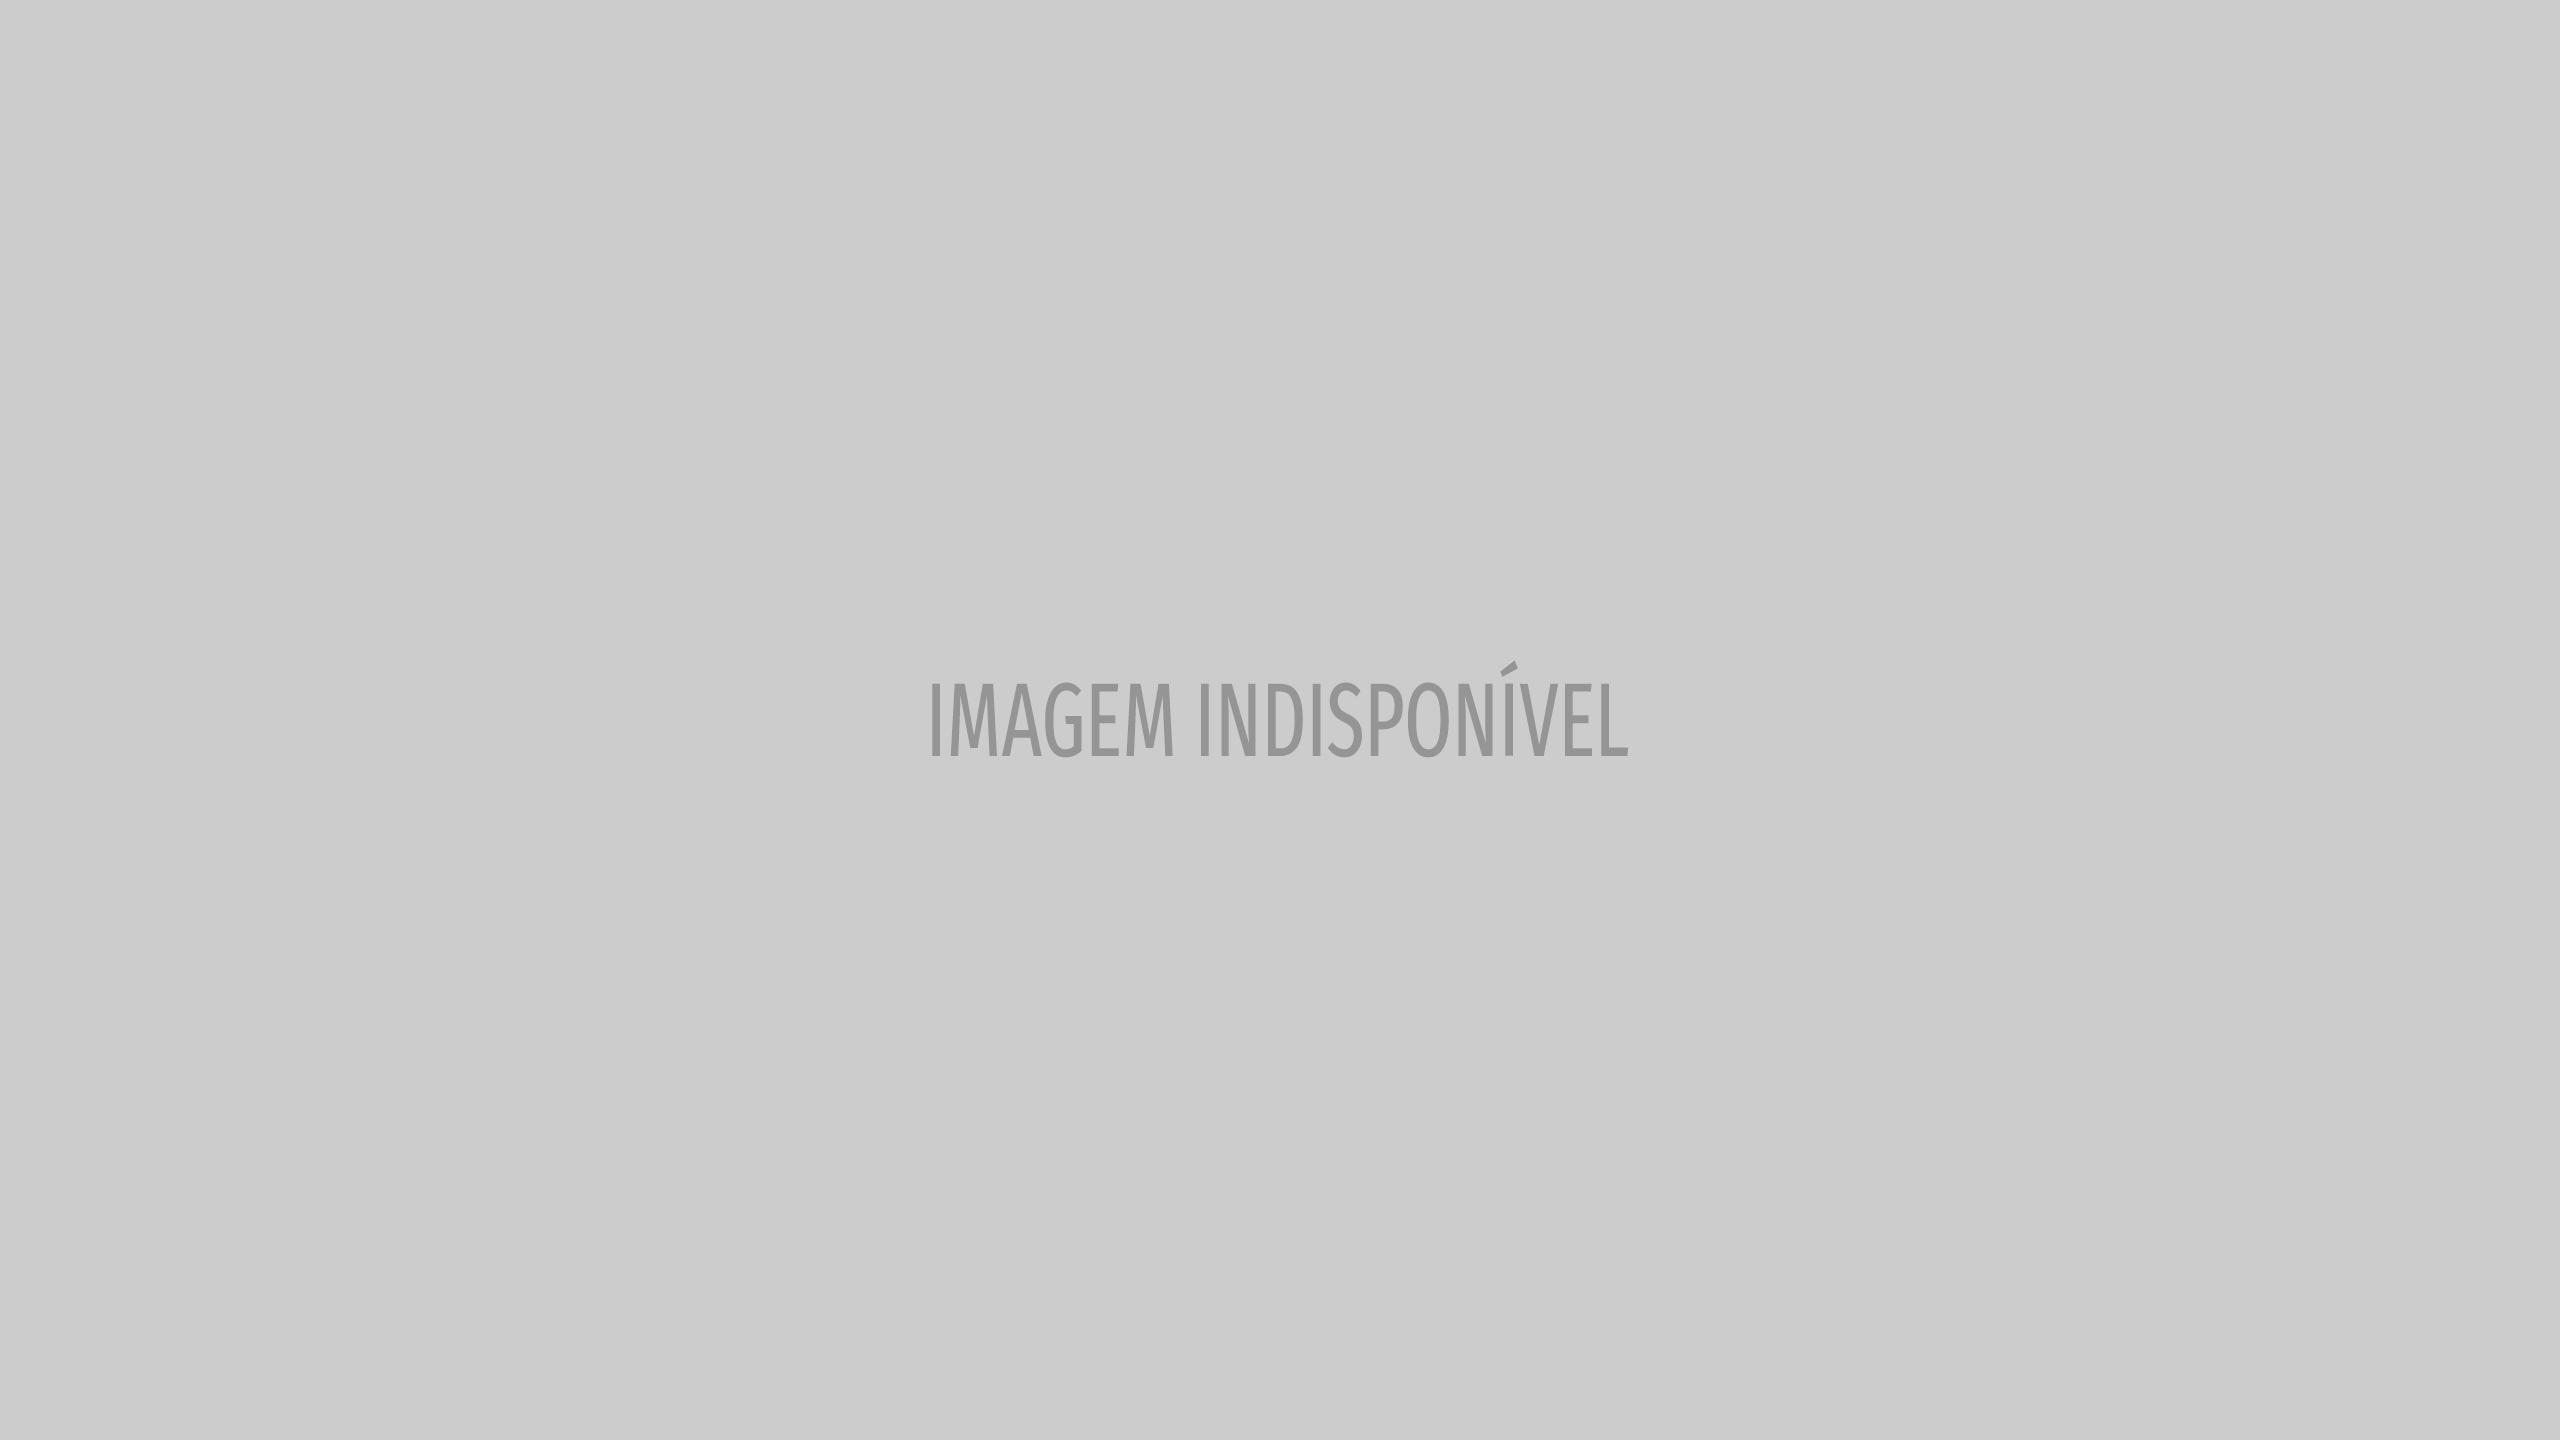 Cinha Jardim parece saber o que motivou o divórcio de Luciana Abreu